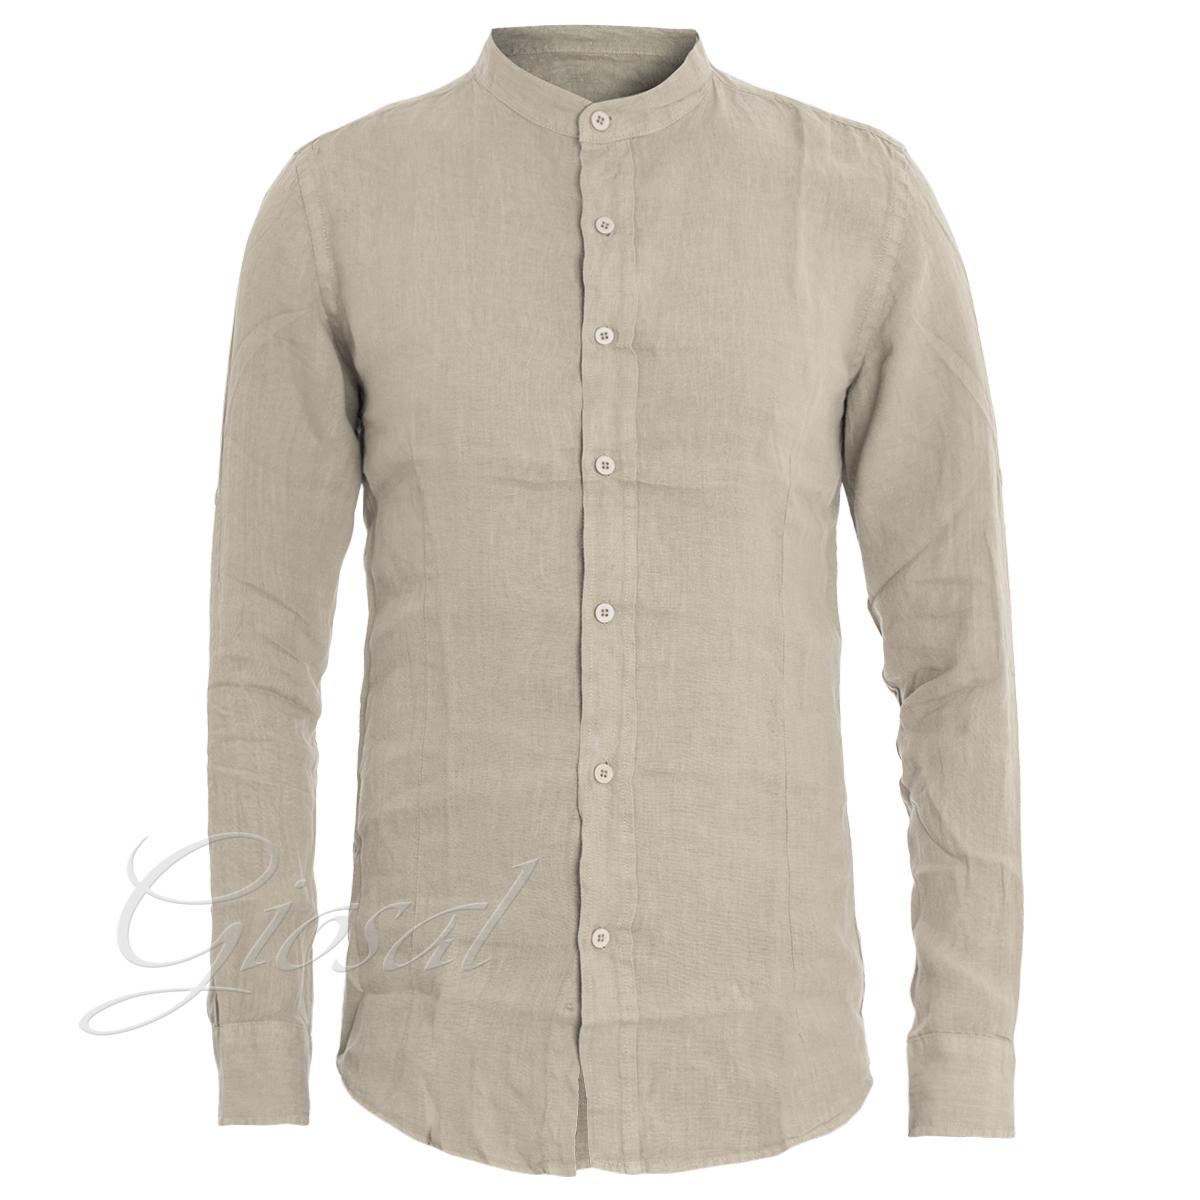 Camicia-Uomo-Lino-Vari-Colori-Tinta-Unita-Slim-Collo-Coreano-GIOSAL